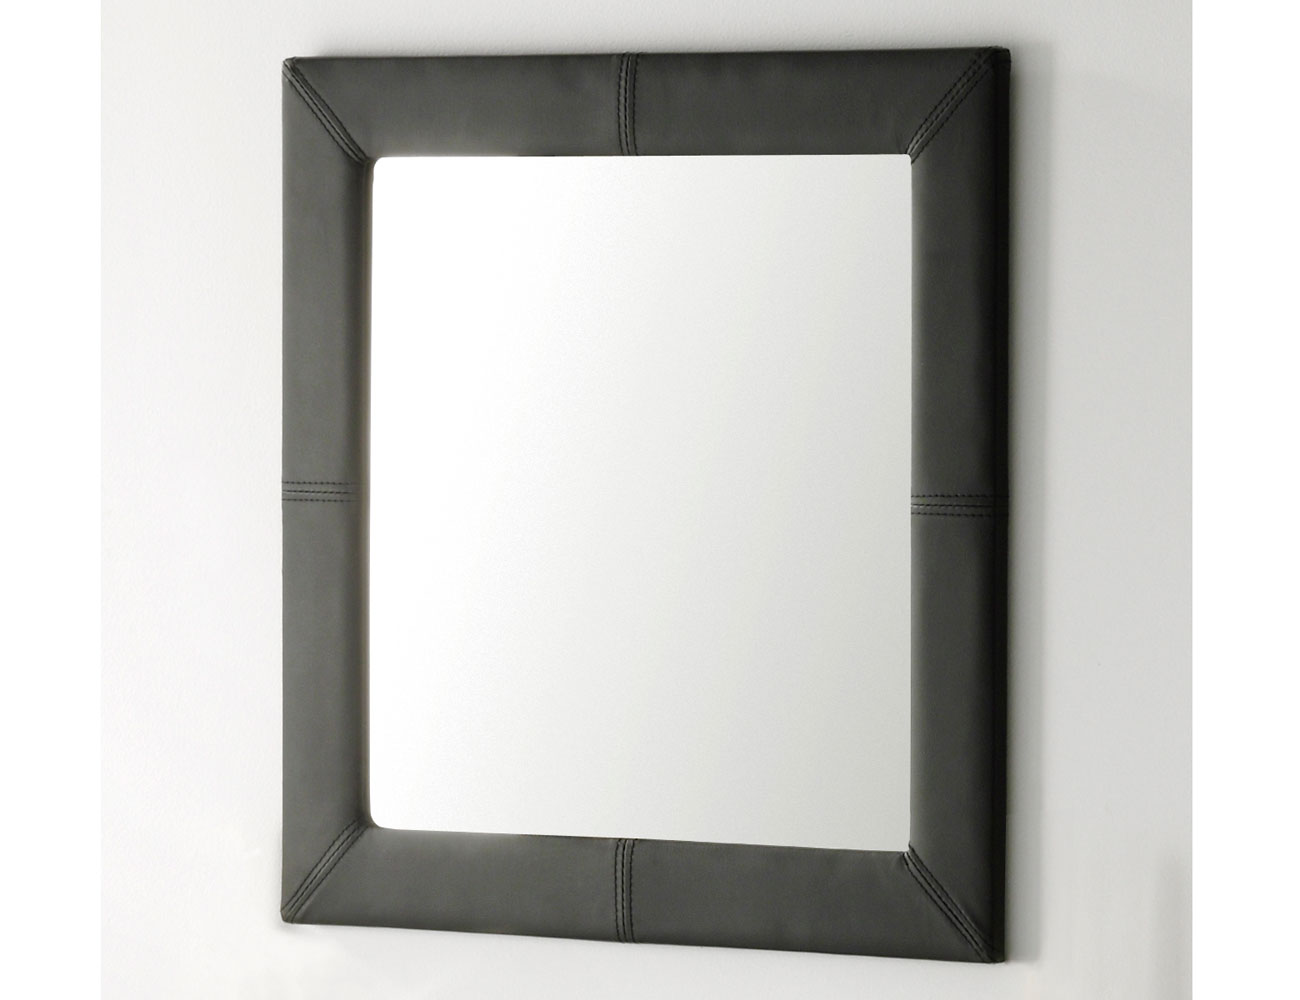 Espejo tapizado polipiel negro